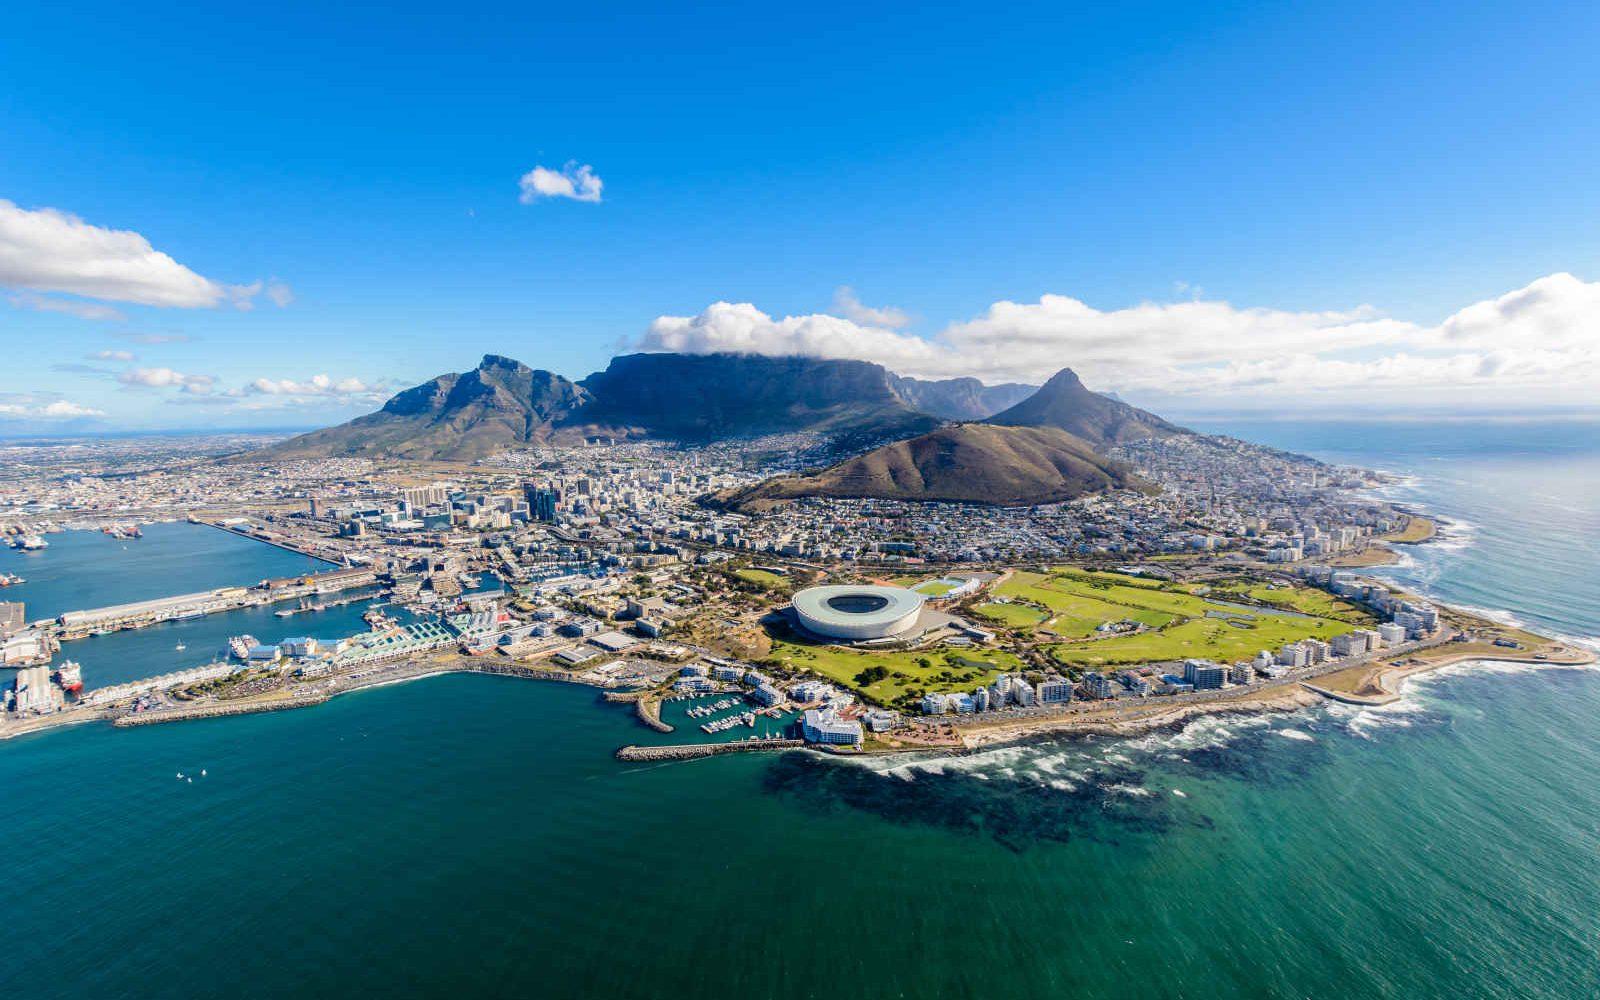 Vue aérienne, Cape Town, Afrique du Sud